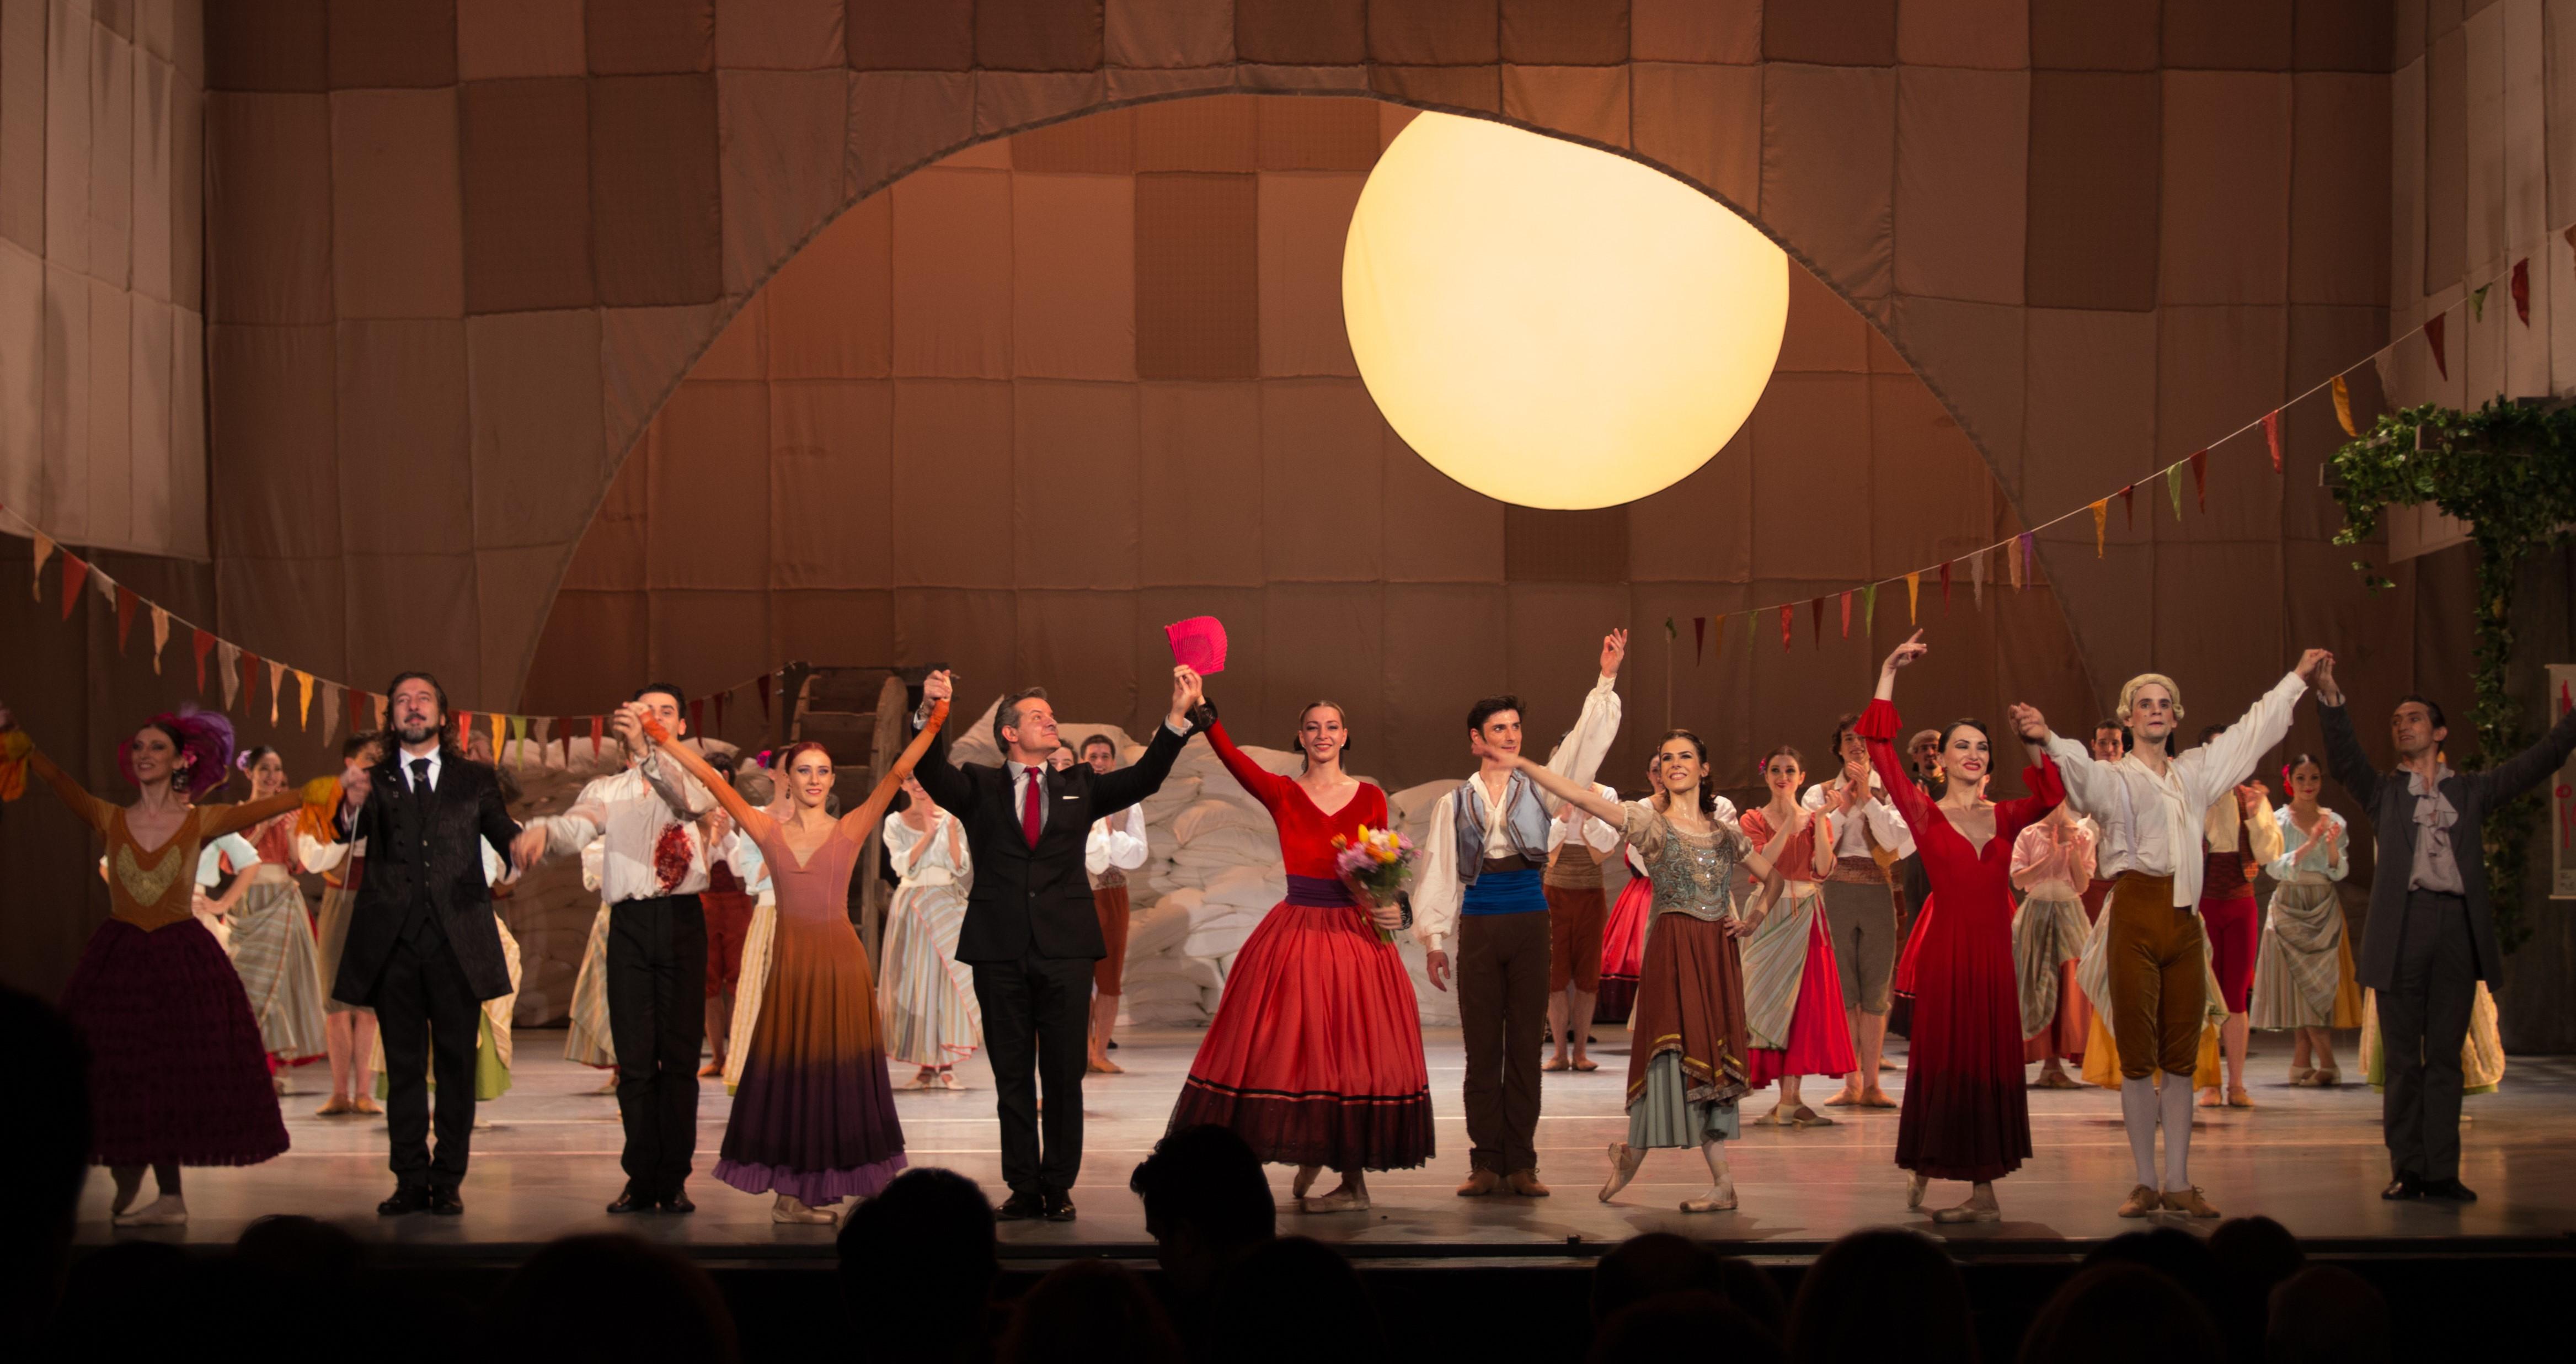 Estreno en la Ópera de Bucarest de los ballets El sombrero de tres picos y El amor brujo, del coreógrafoespañol Carlos Vilán